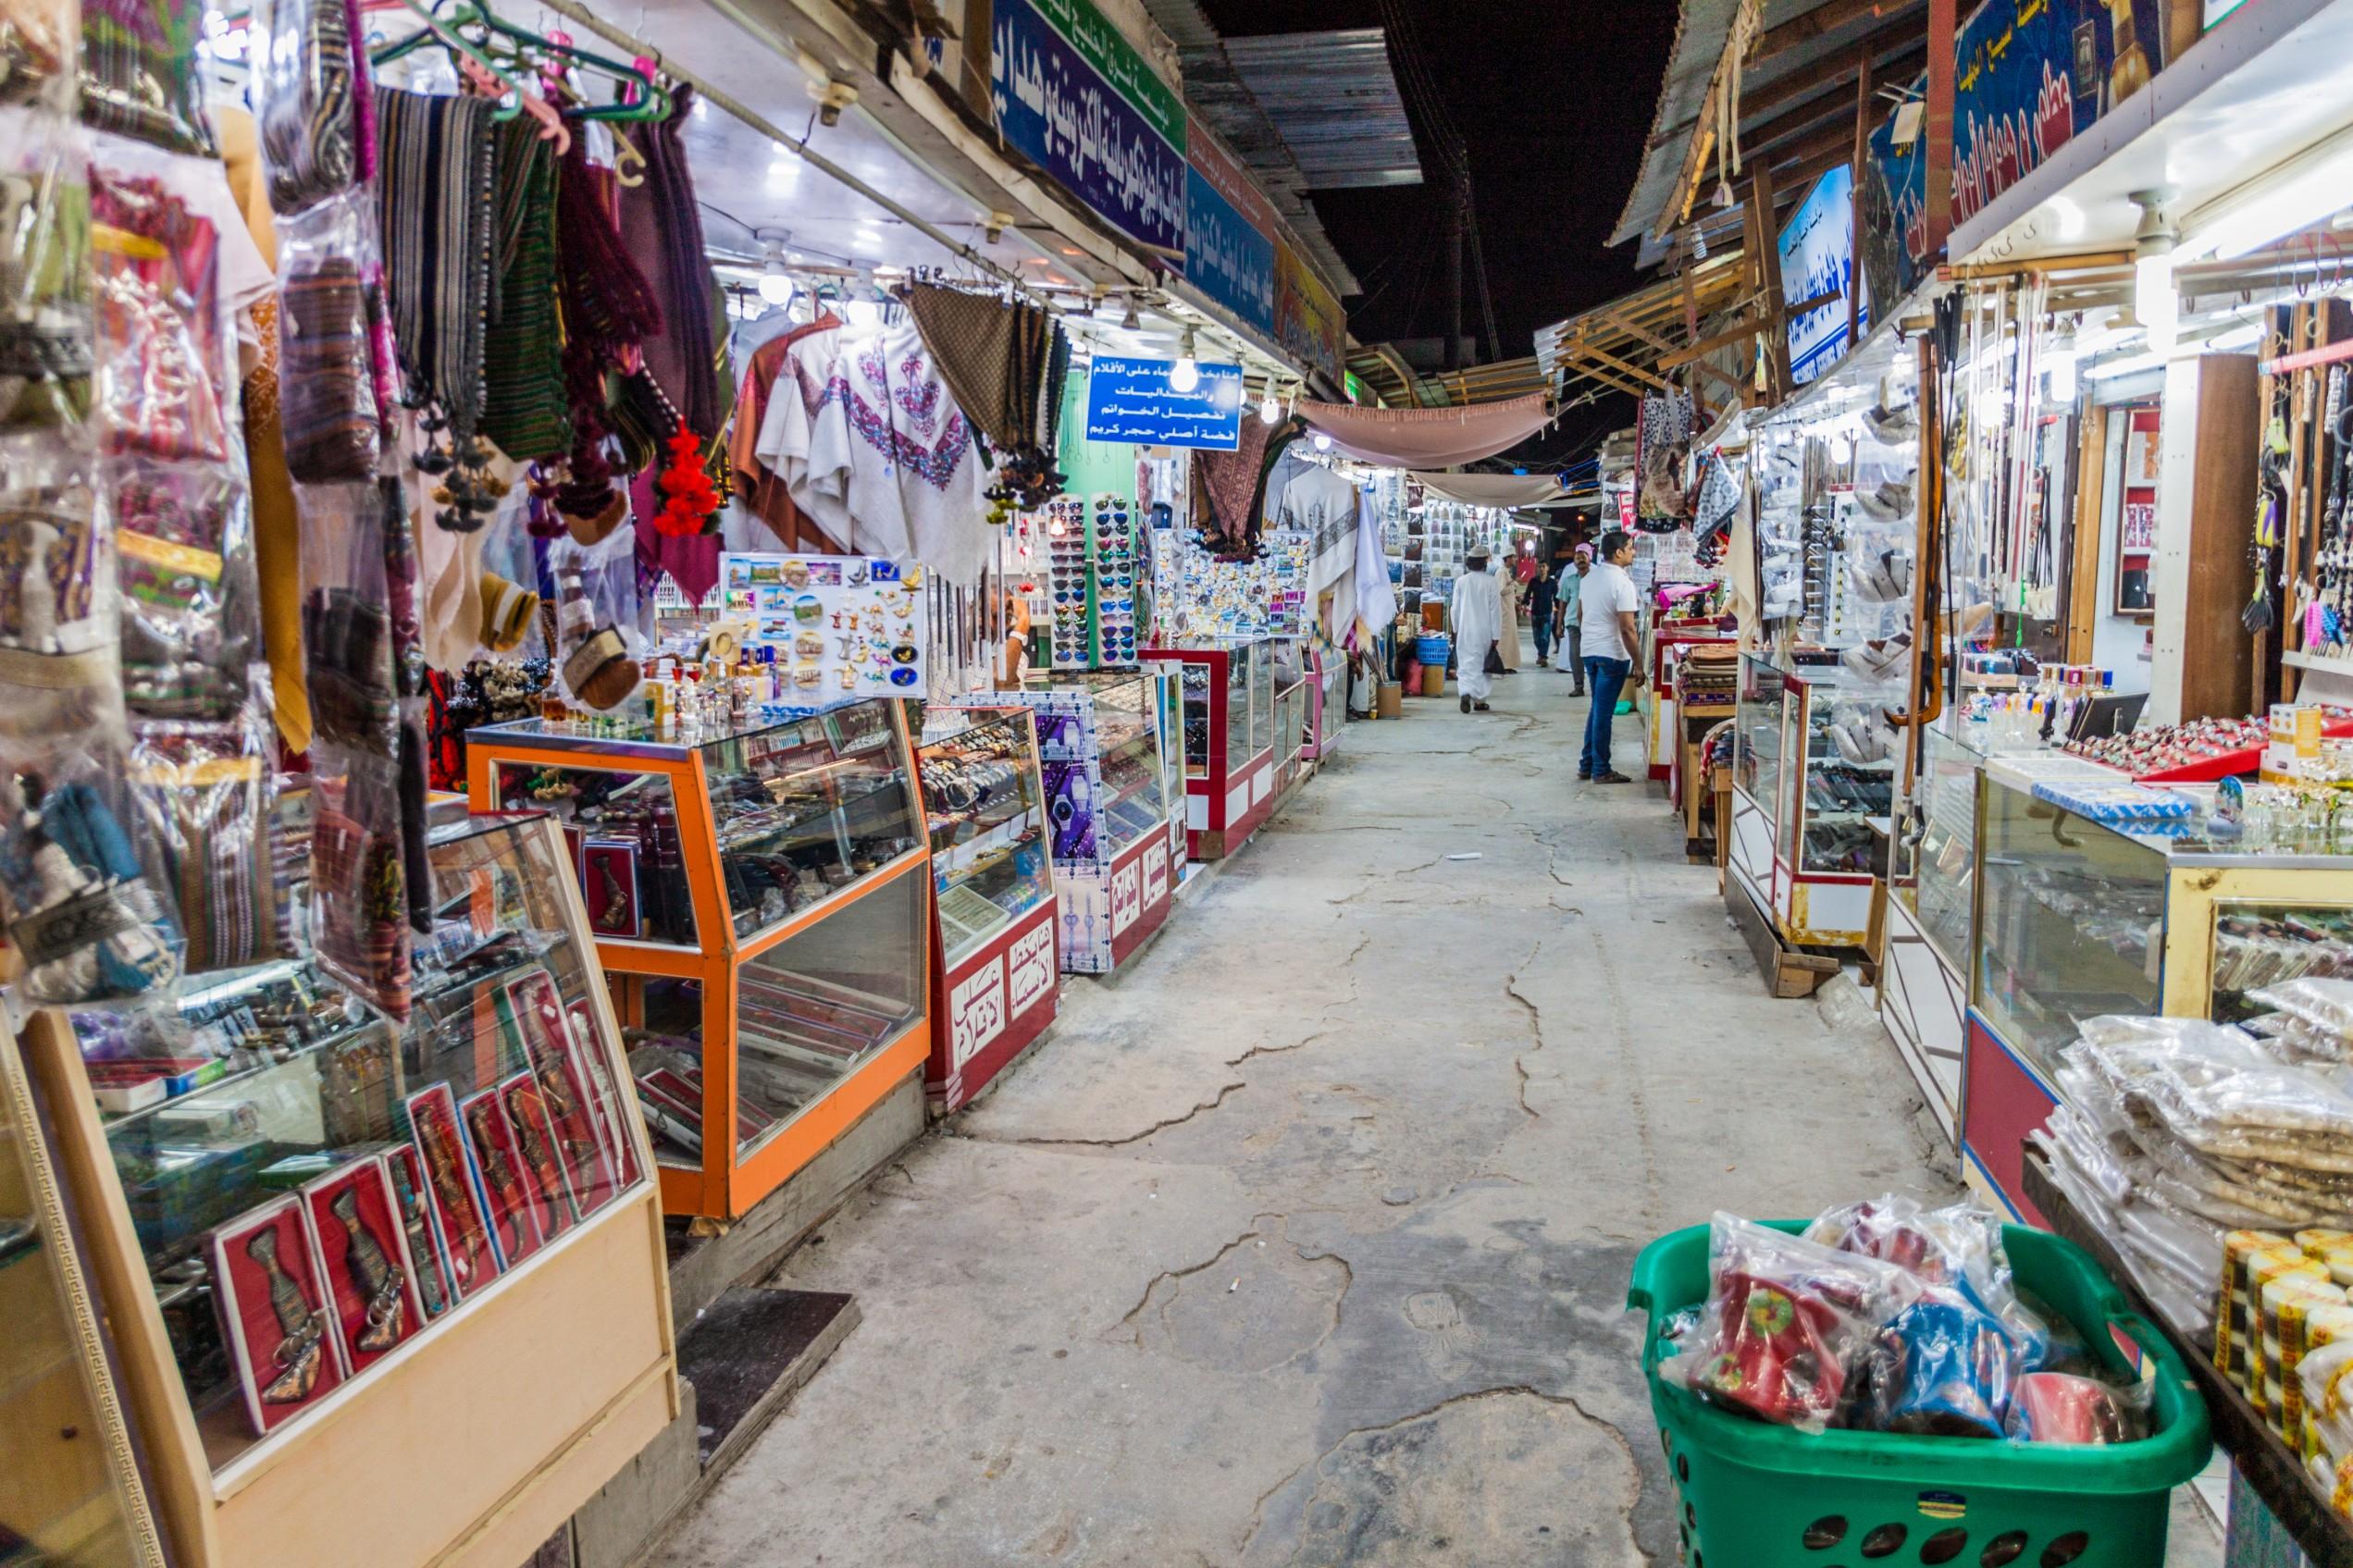 Half-Day Salalah City Tour - Oman Trip 7